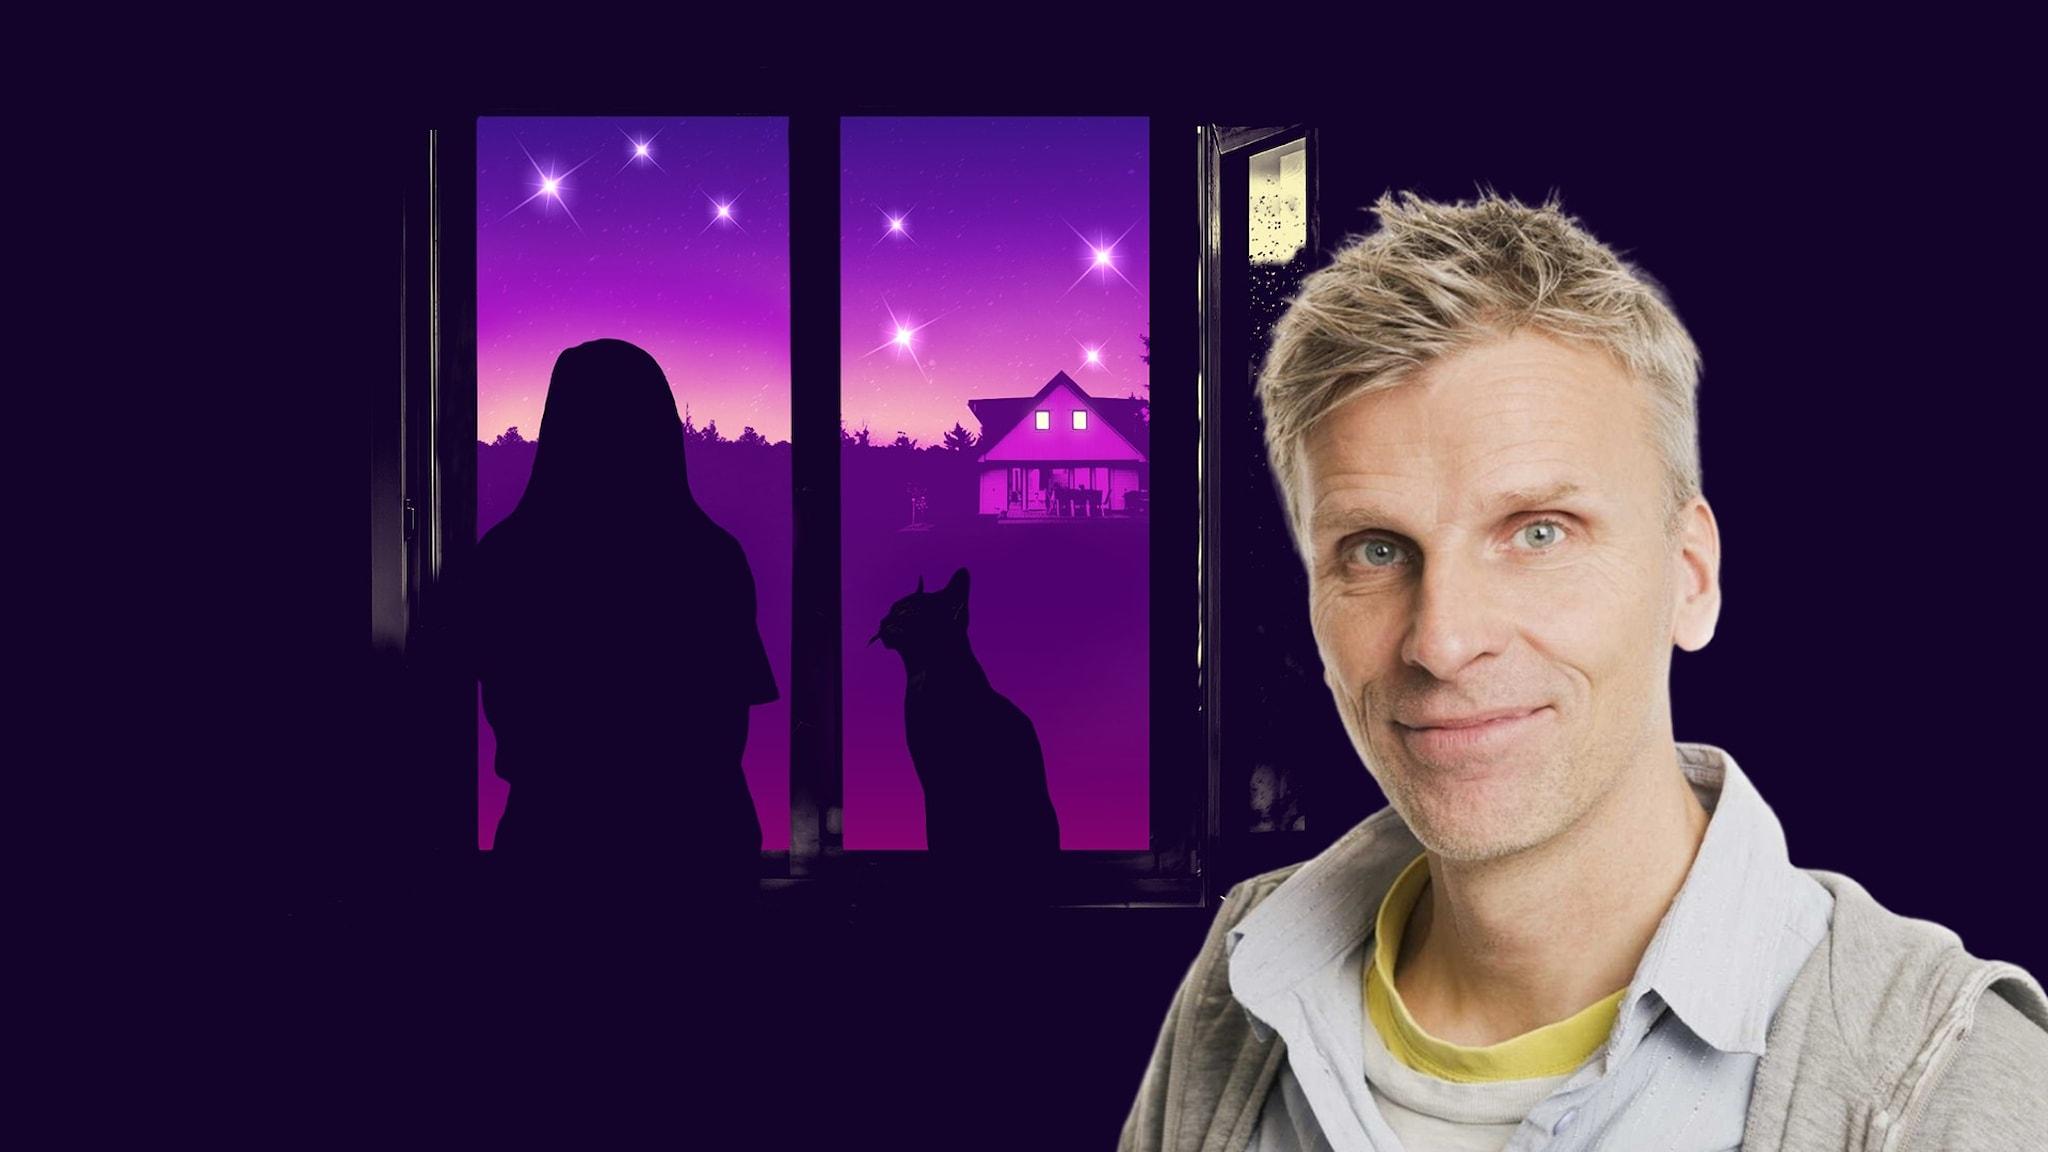 Christian Olsson, Programledare för Karlavagnen i P4